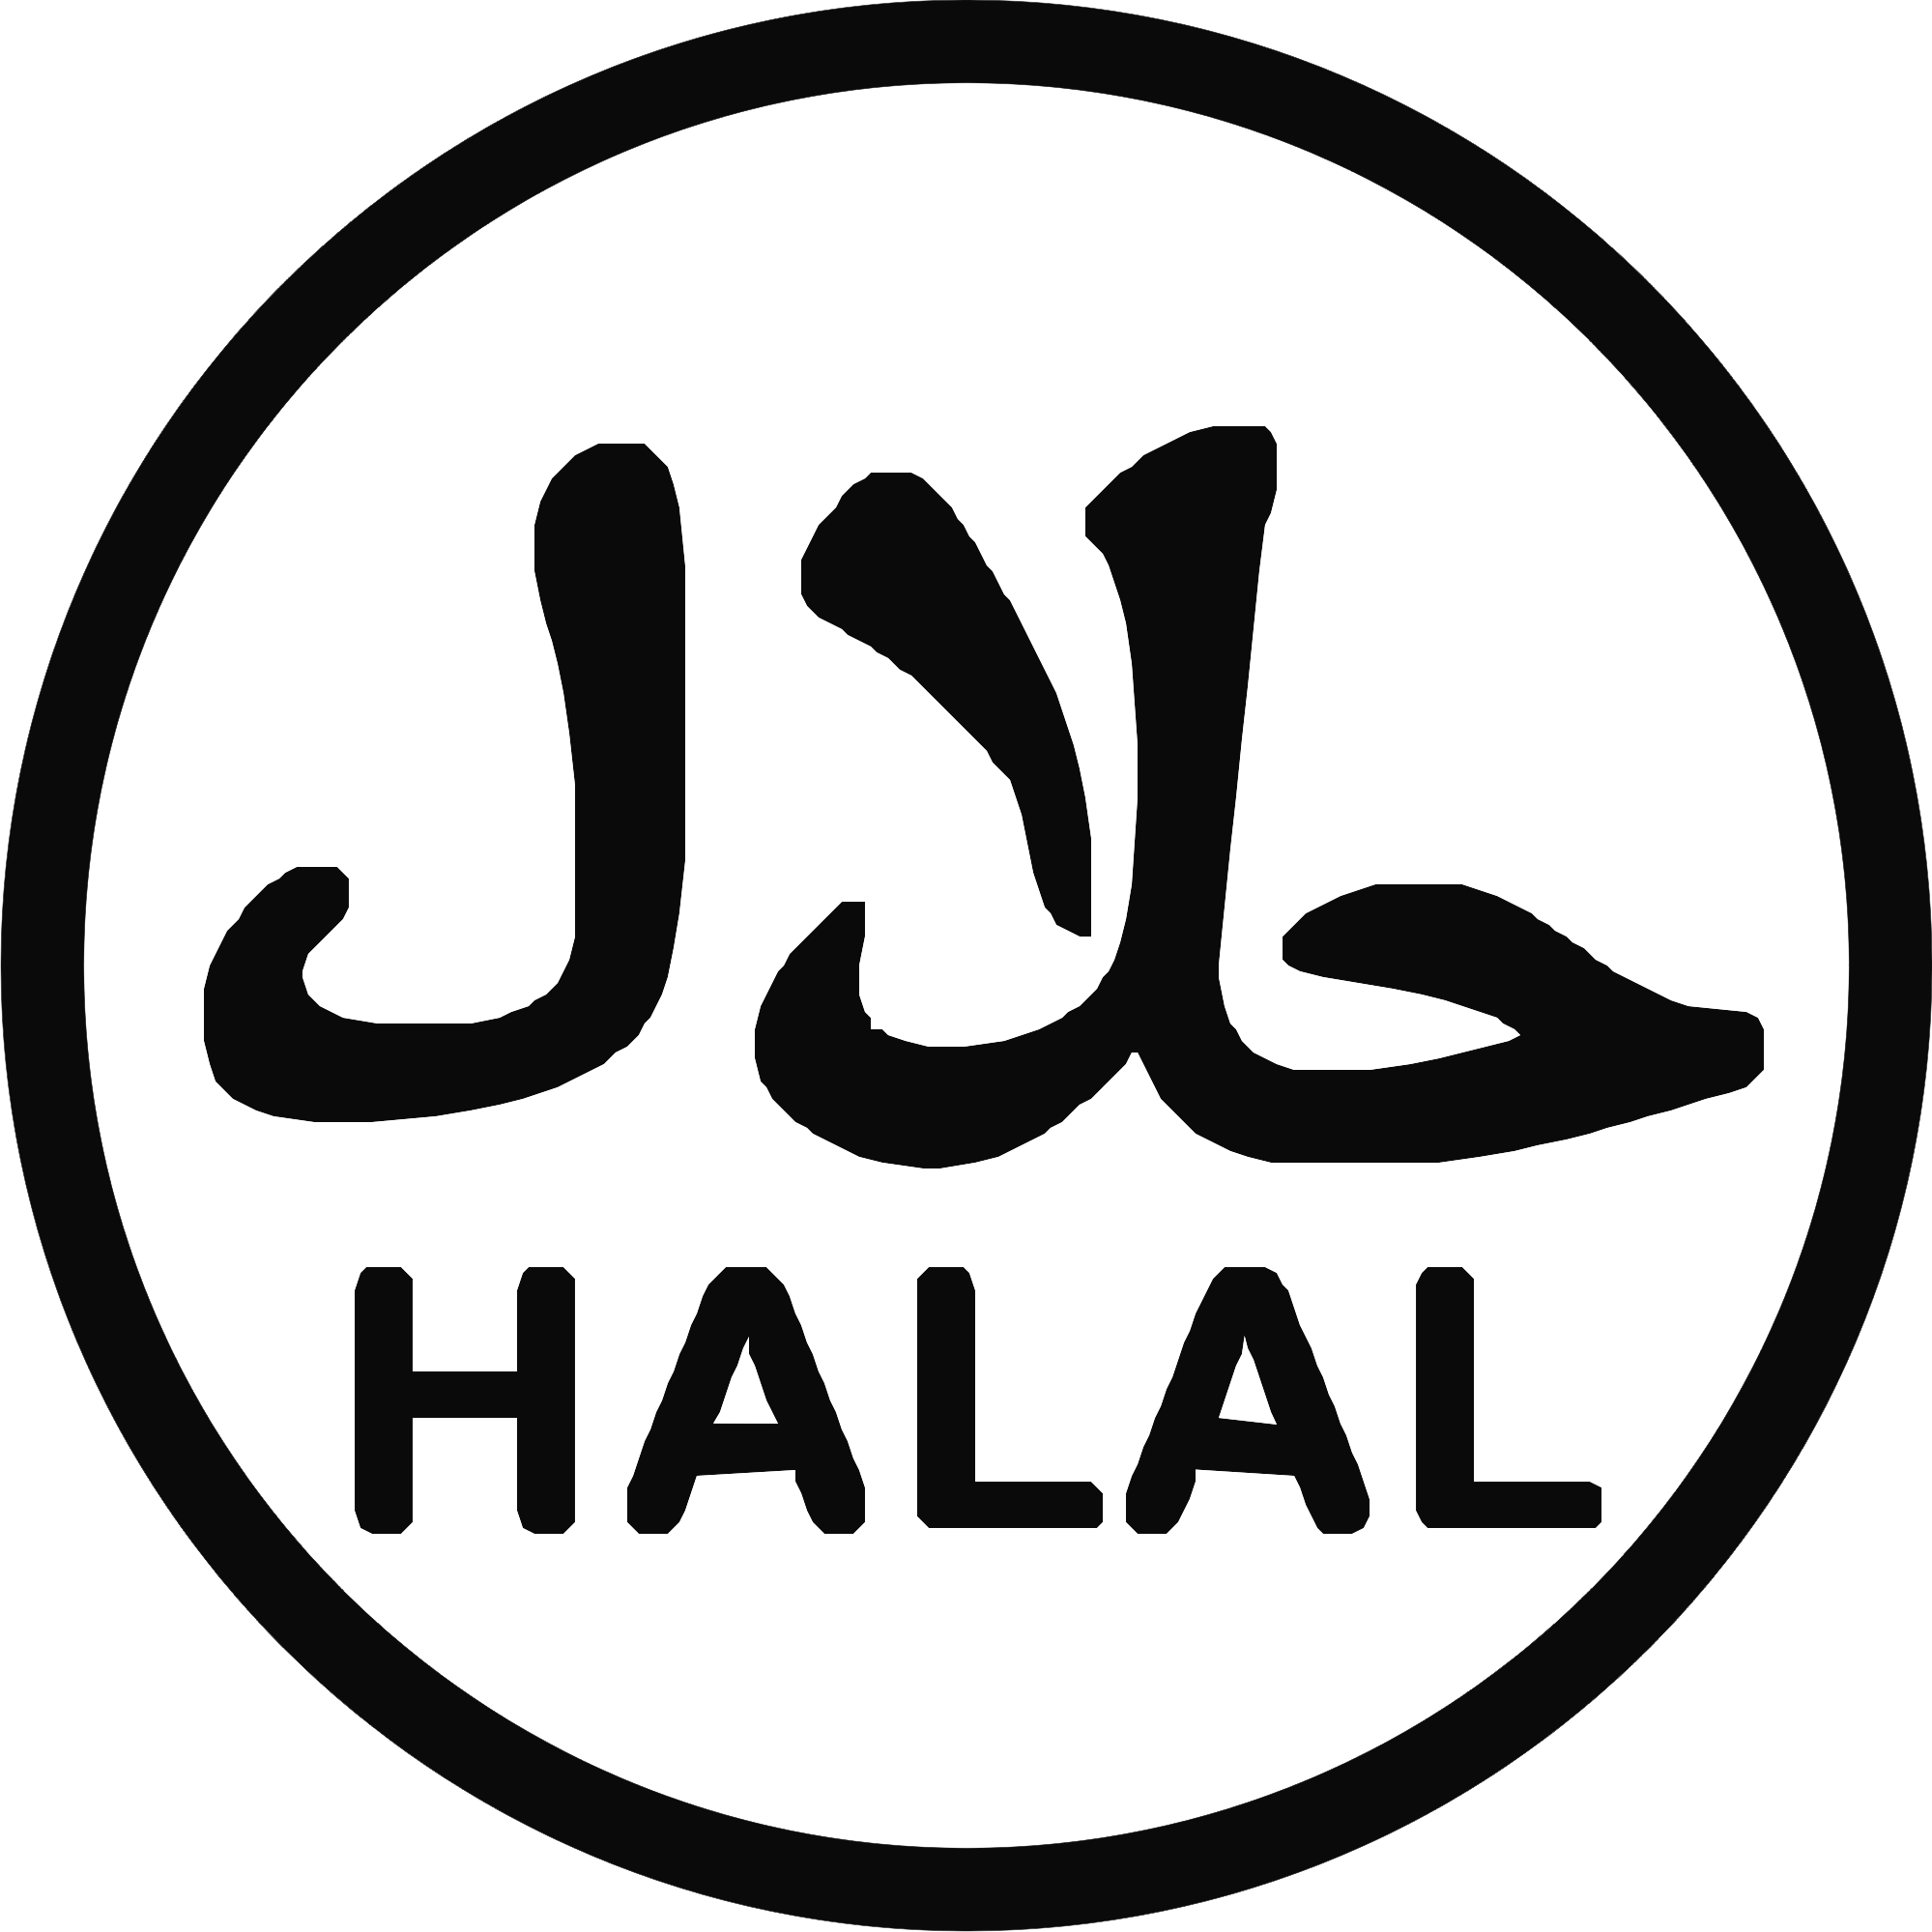 Logo hala png 7 » PNG Image.